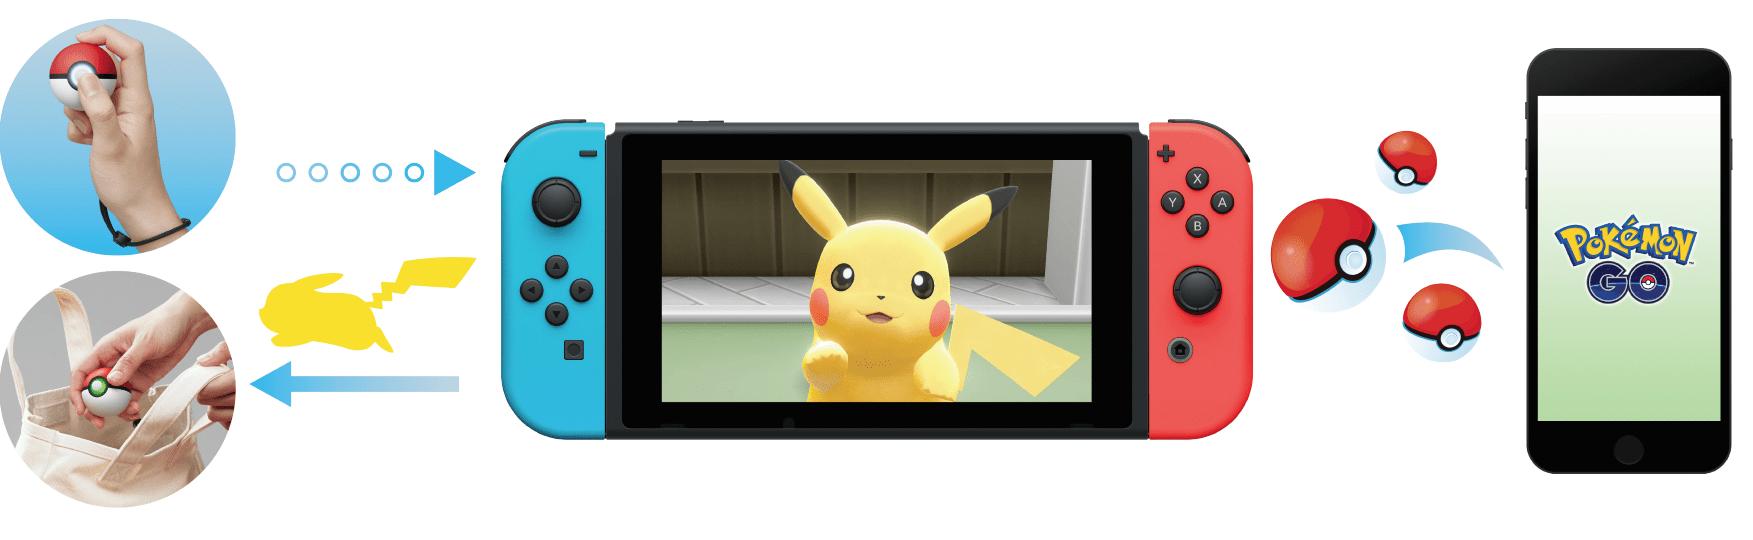 """Résultat de recherche d'images pour """"pokemon let's go pack"""""""